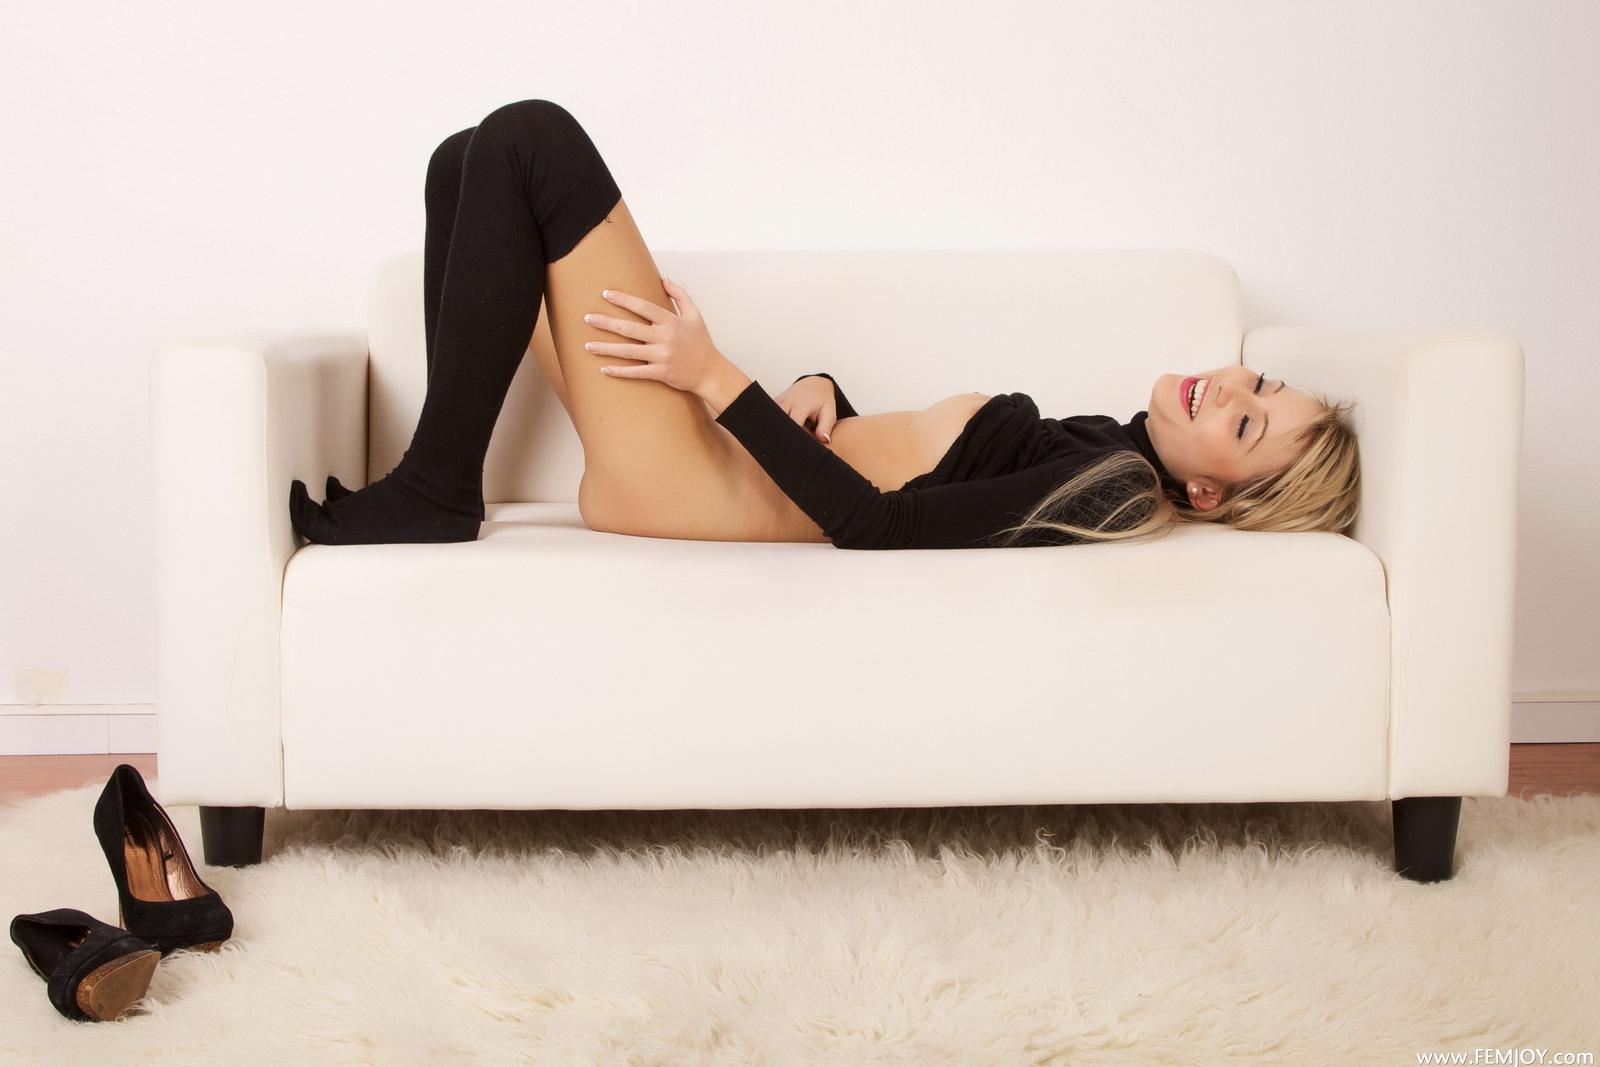 laura-j-blonde-nude-over-knee-socks-high-heels-femjoy-22